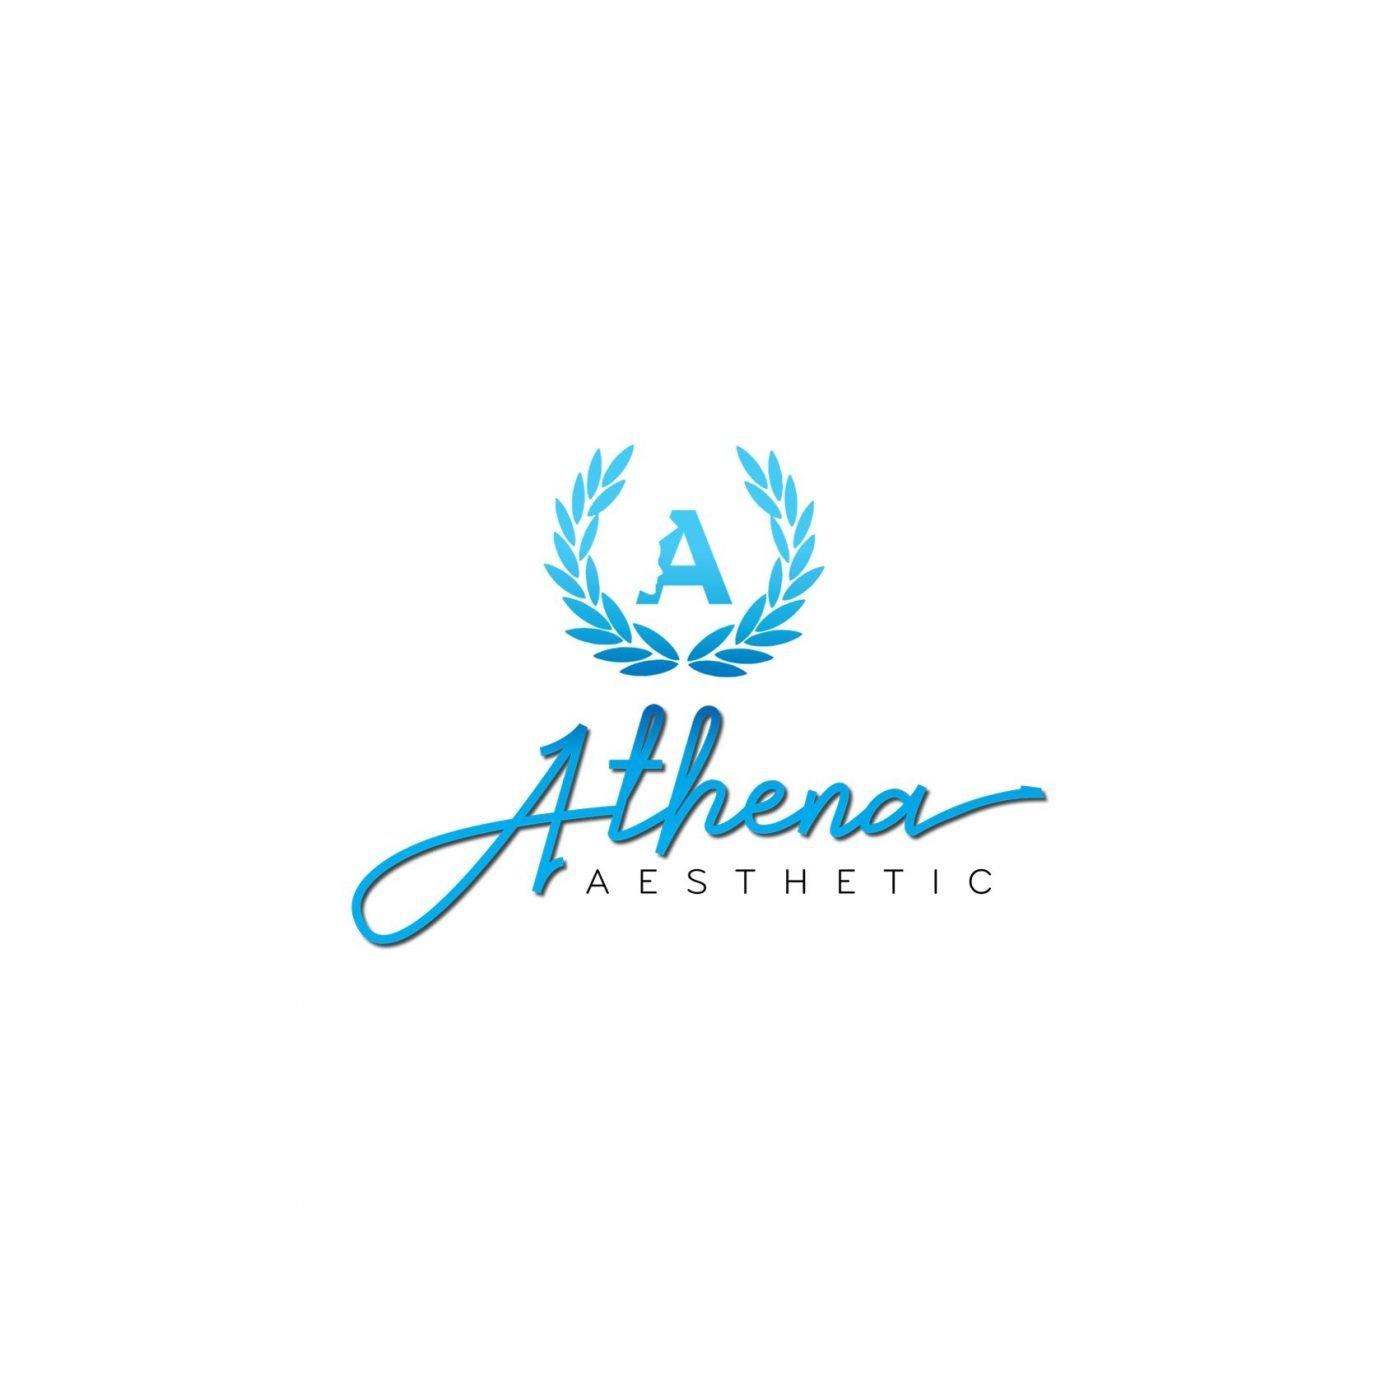 Athena-Aesthetic-logo thiết kế logo trọn bộ nhận diện thương hiệu thiết kế hình ảnh đại diện brand identity thiết kế đồ họa in ấn quảng cáo thiết kế website WordPress Helixgram